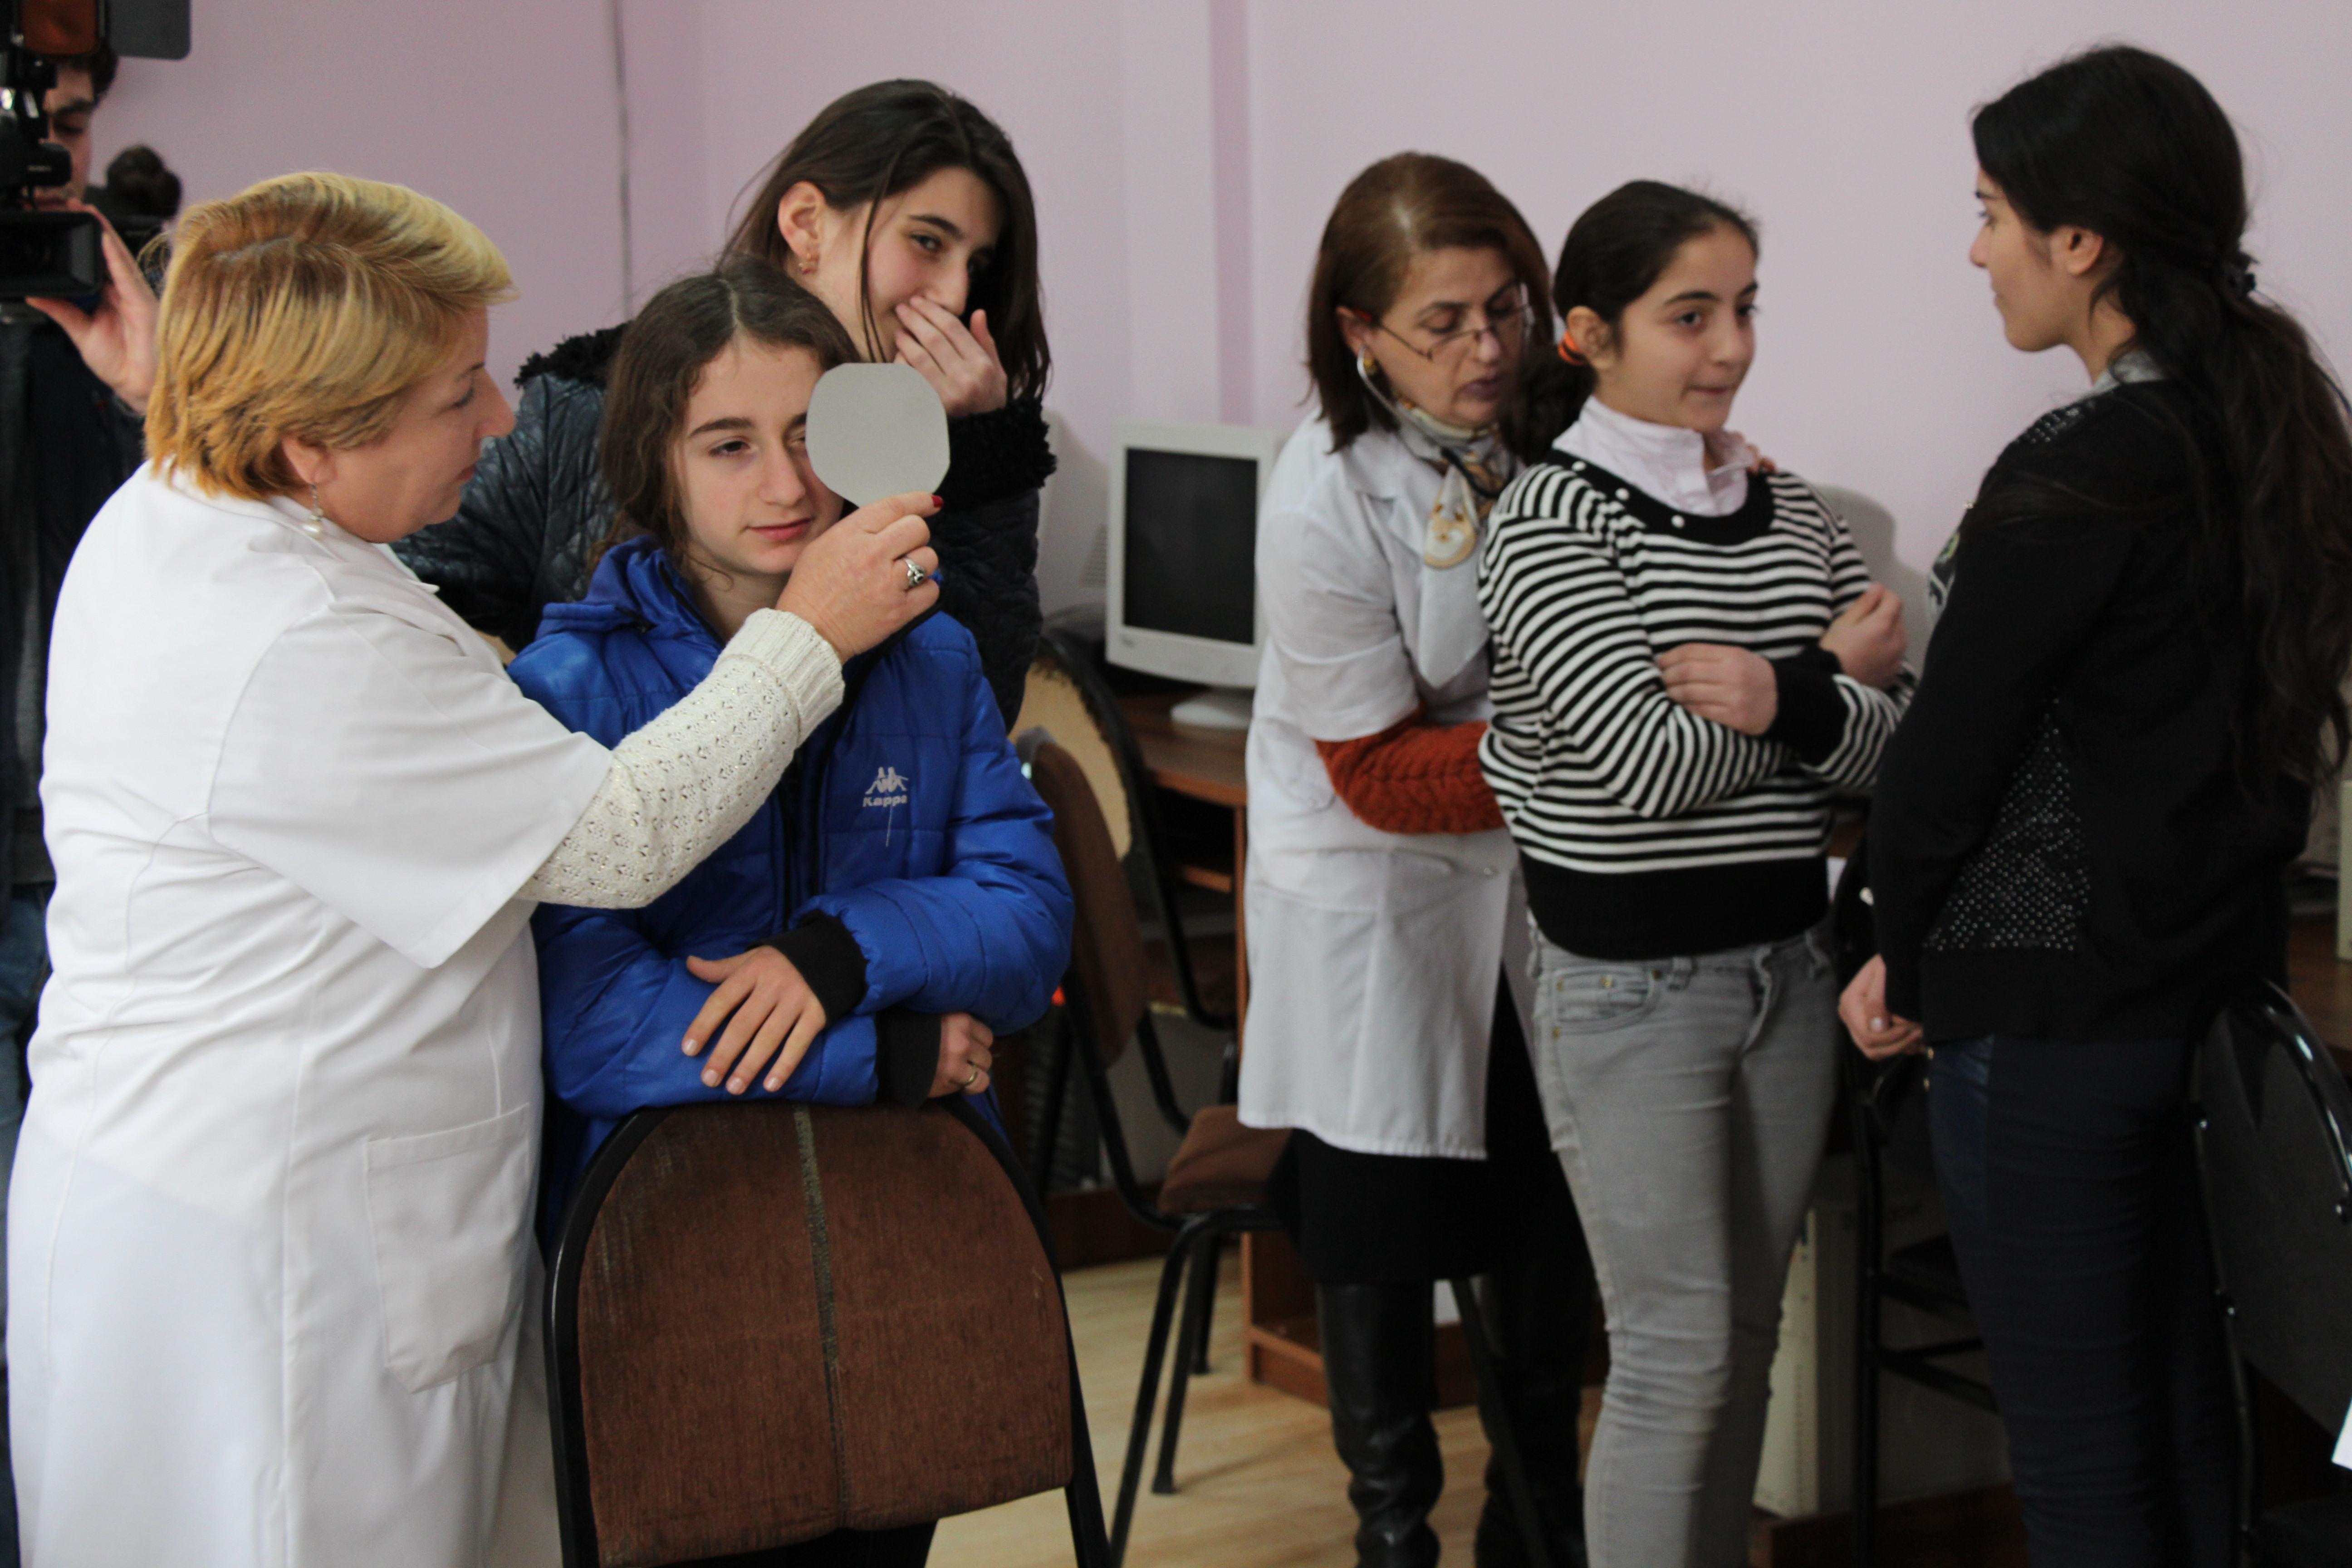 საჯარო სკოლებში მოსწავლეთა უფასო სამედიცინო შემოწმება დაიწყო